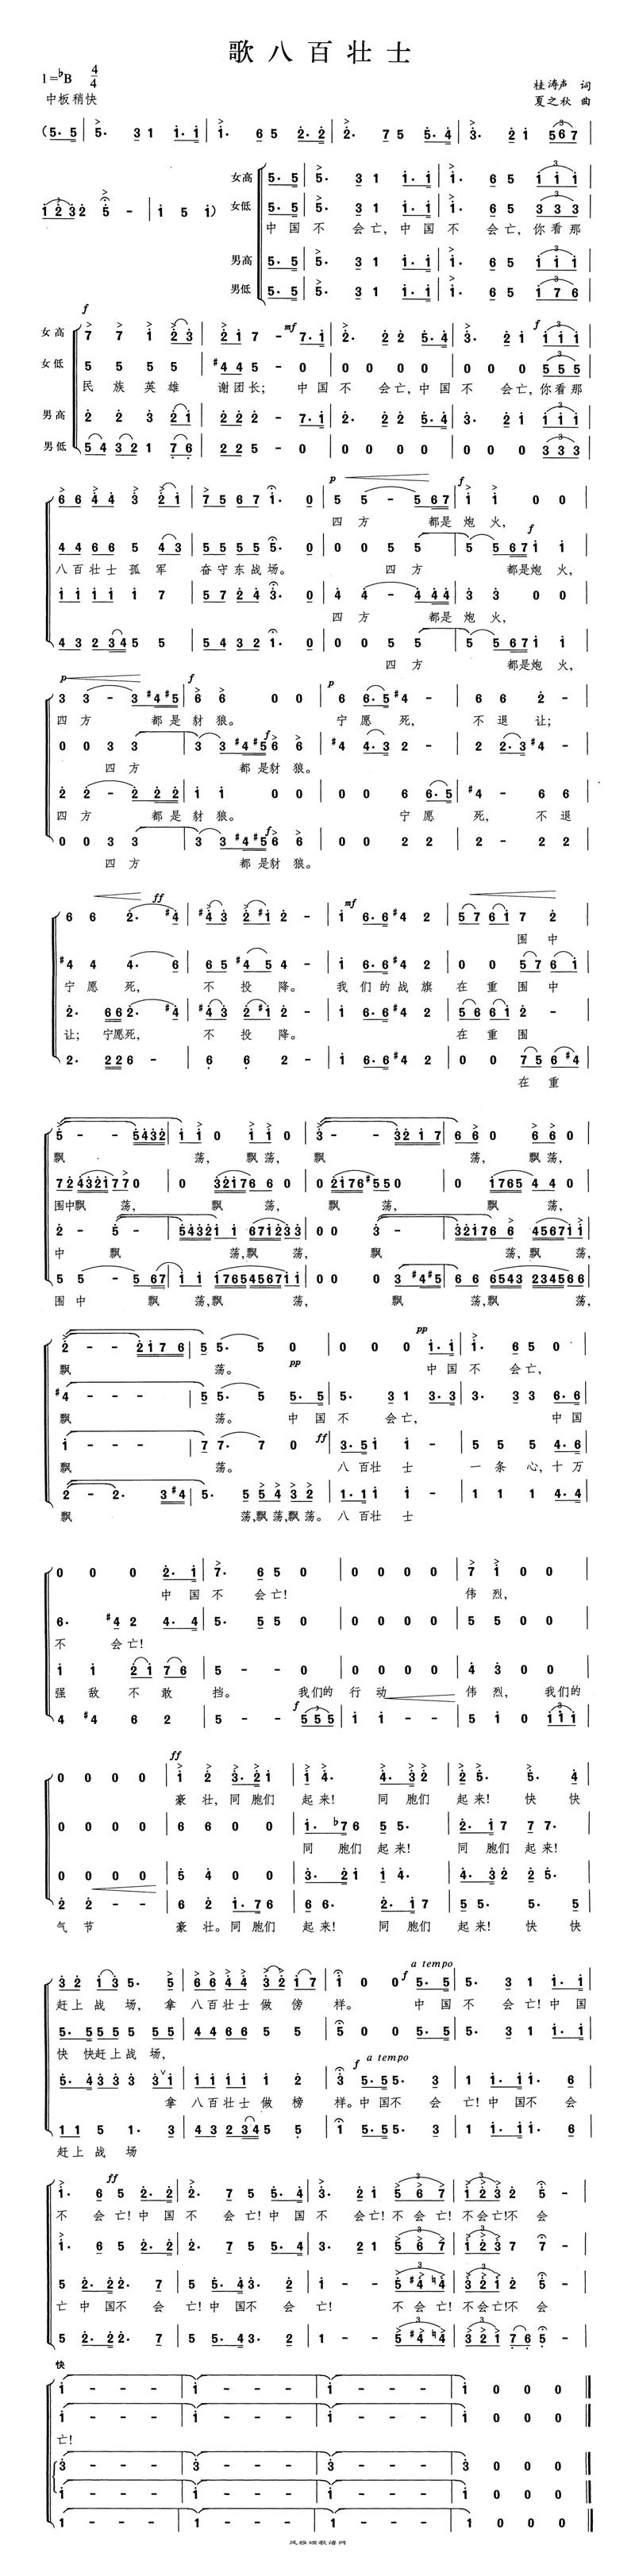 歌八百壮士(中国)高清手机移动歌谱简谱